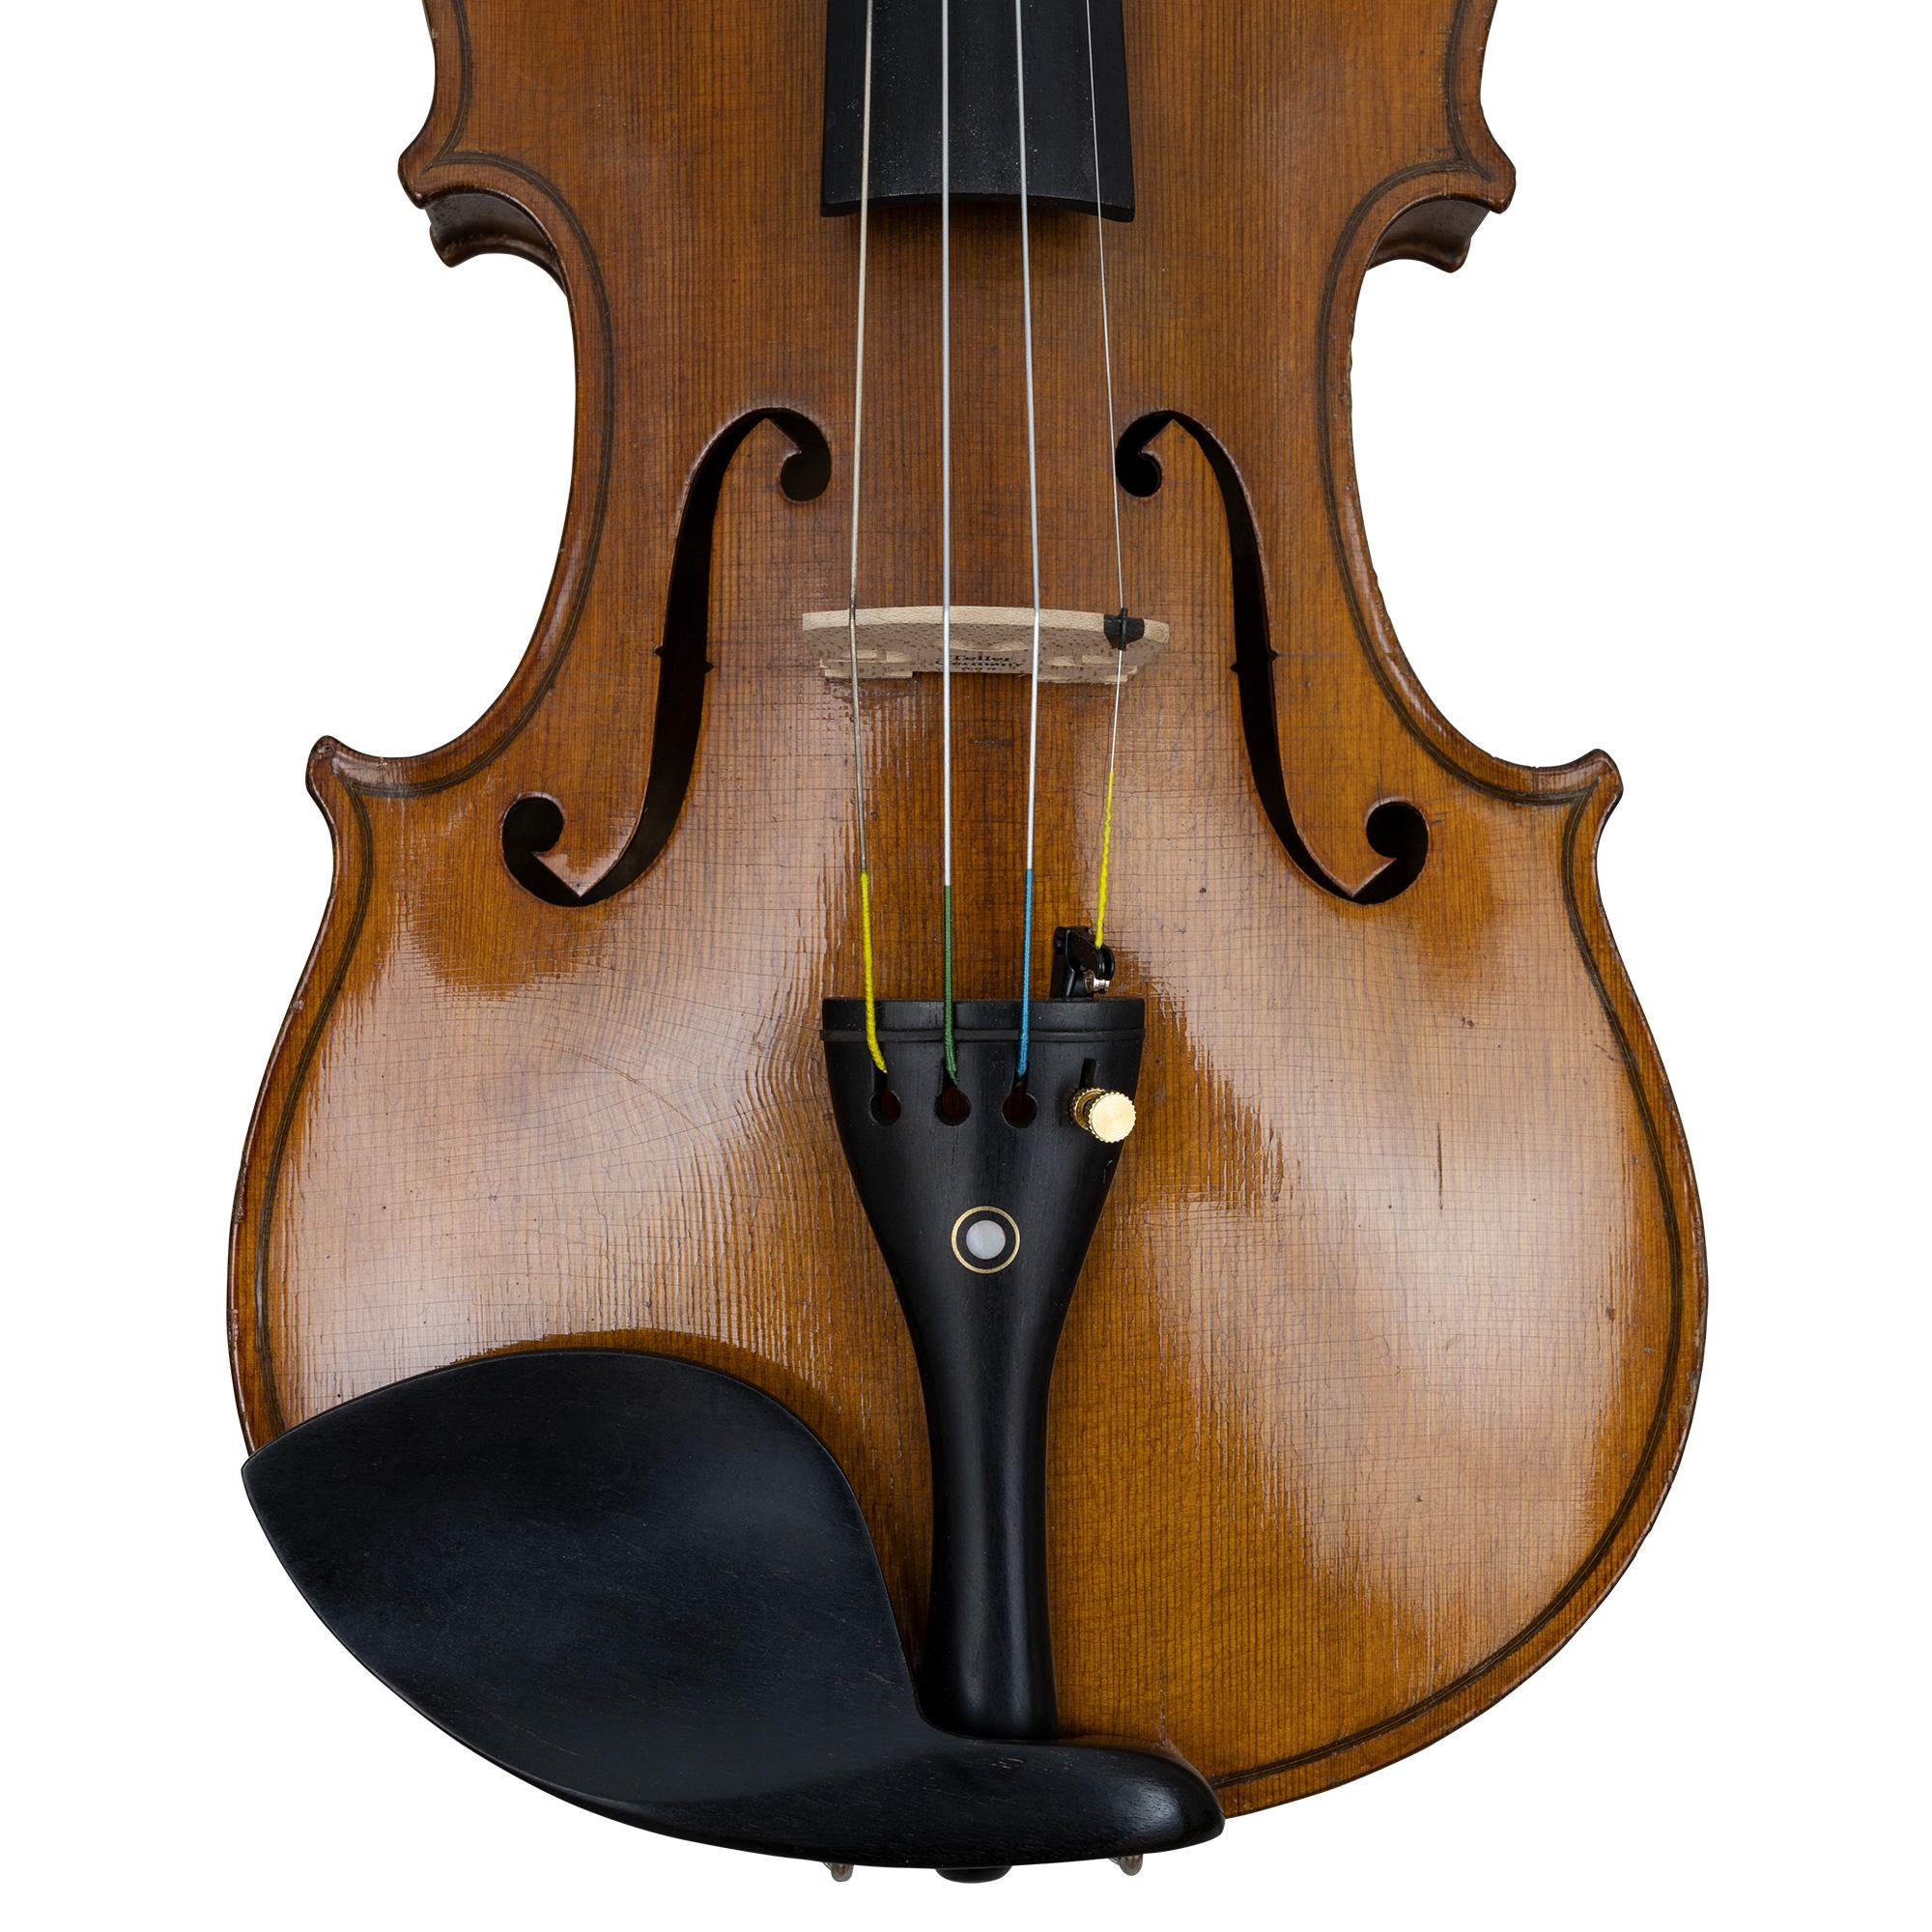 Eduard Reichert 1913 Violin in action